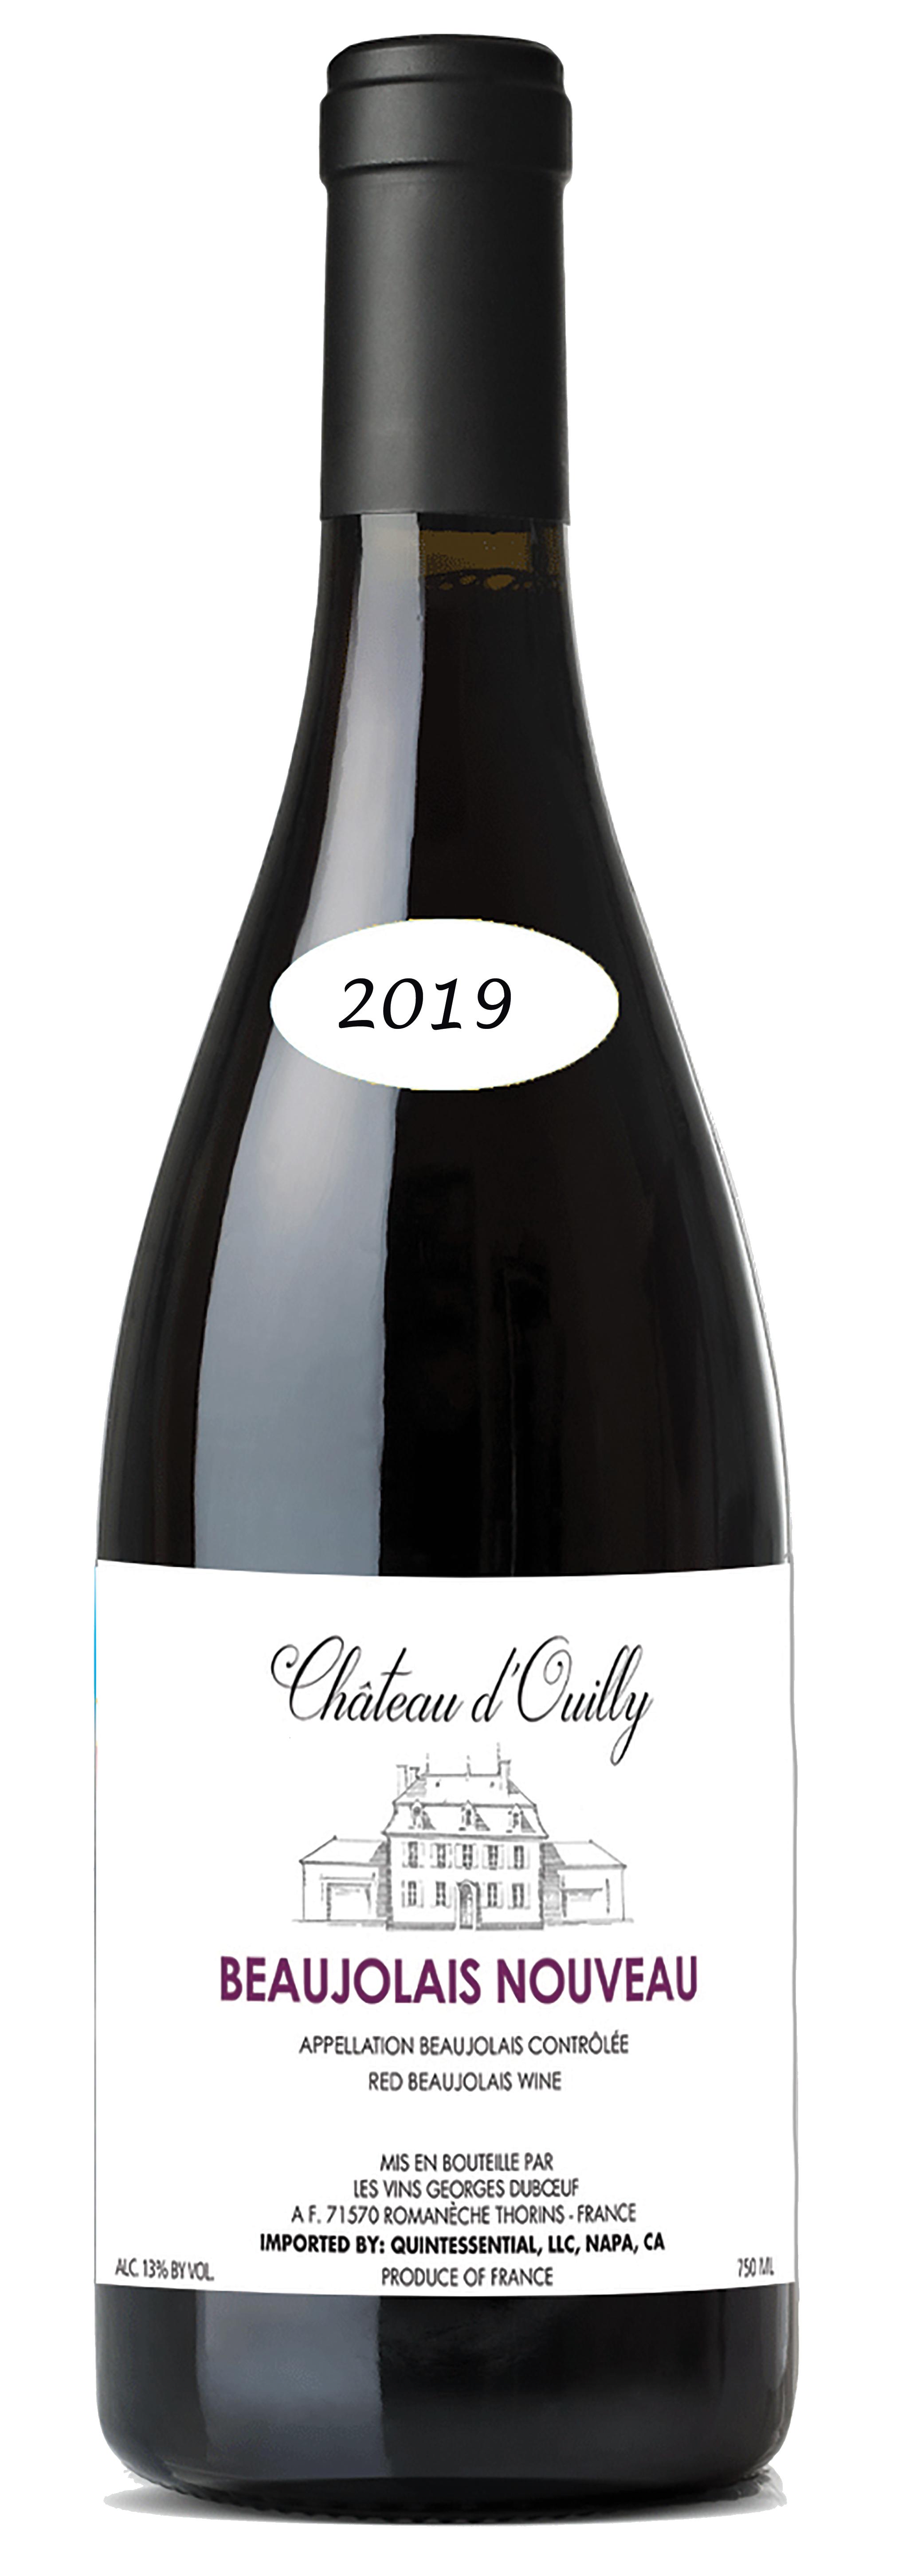 2019 Bottle Image